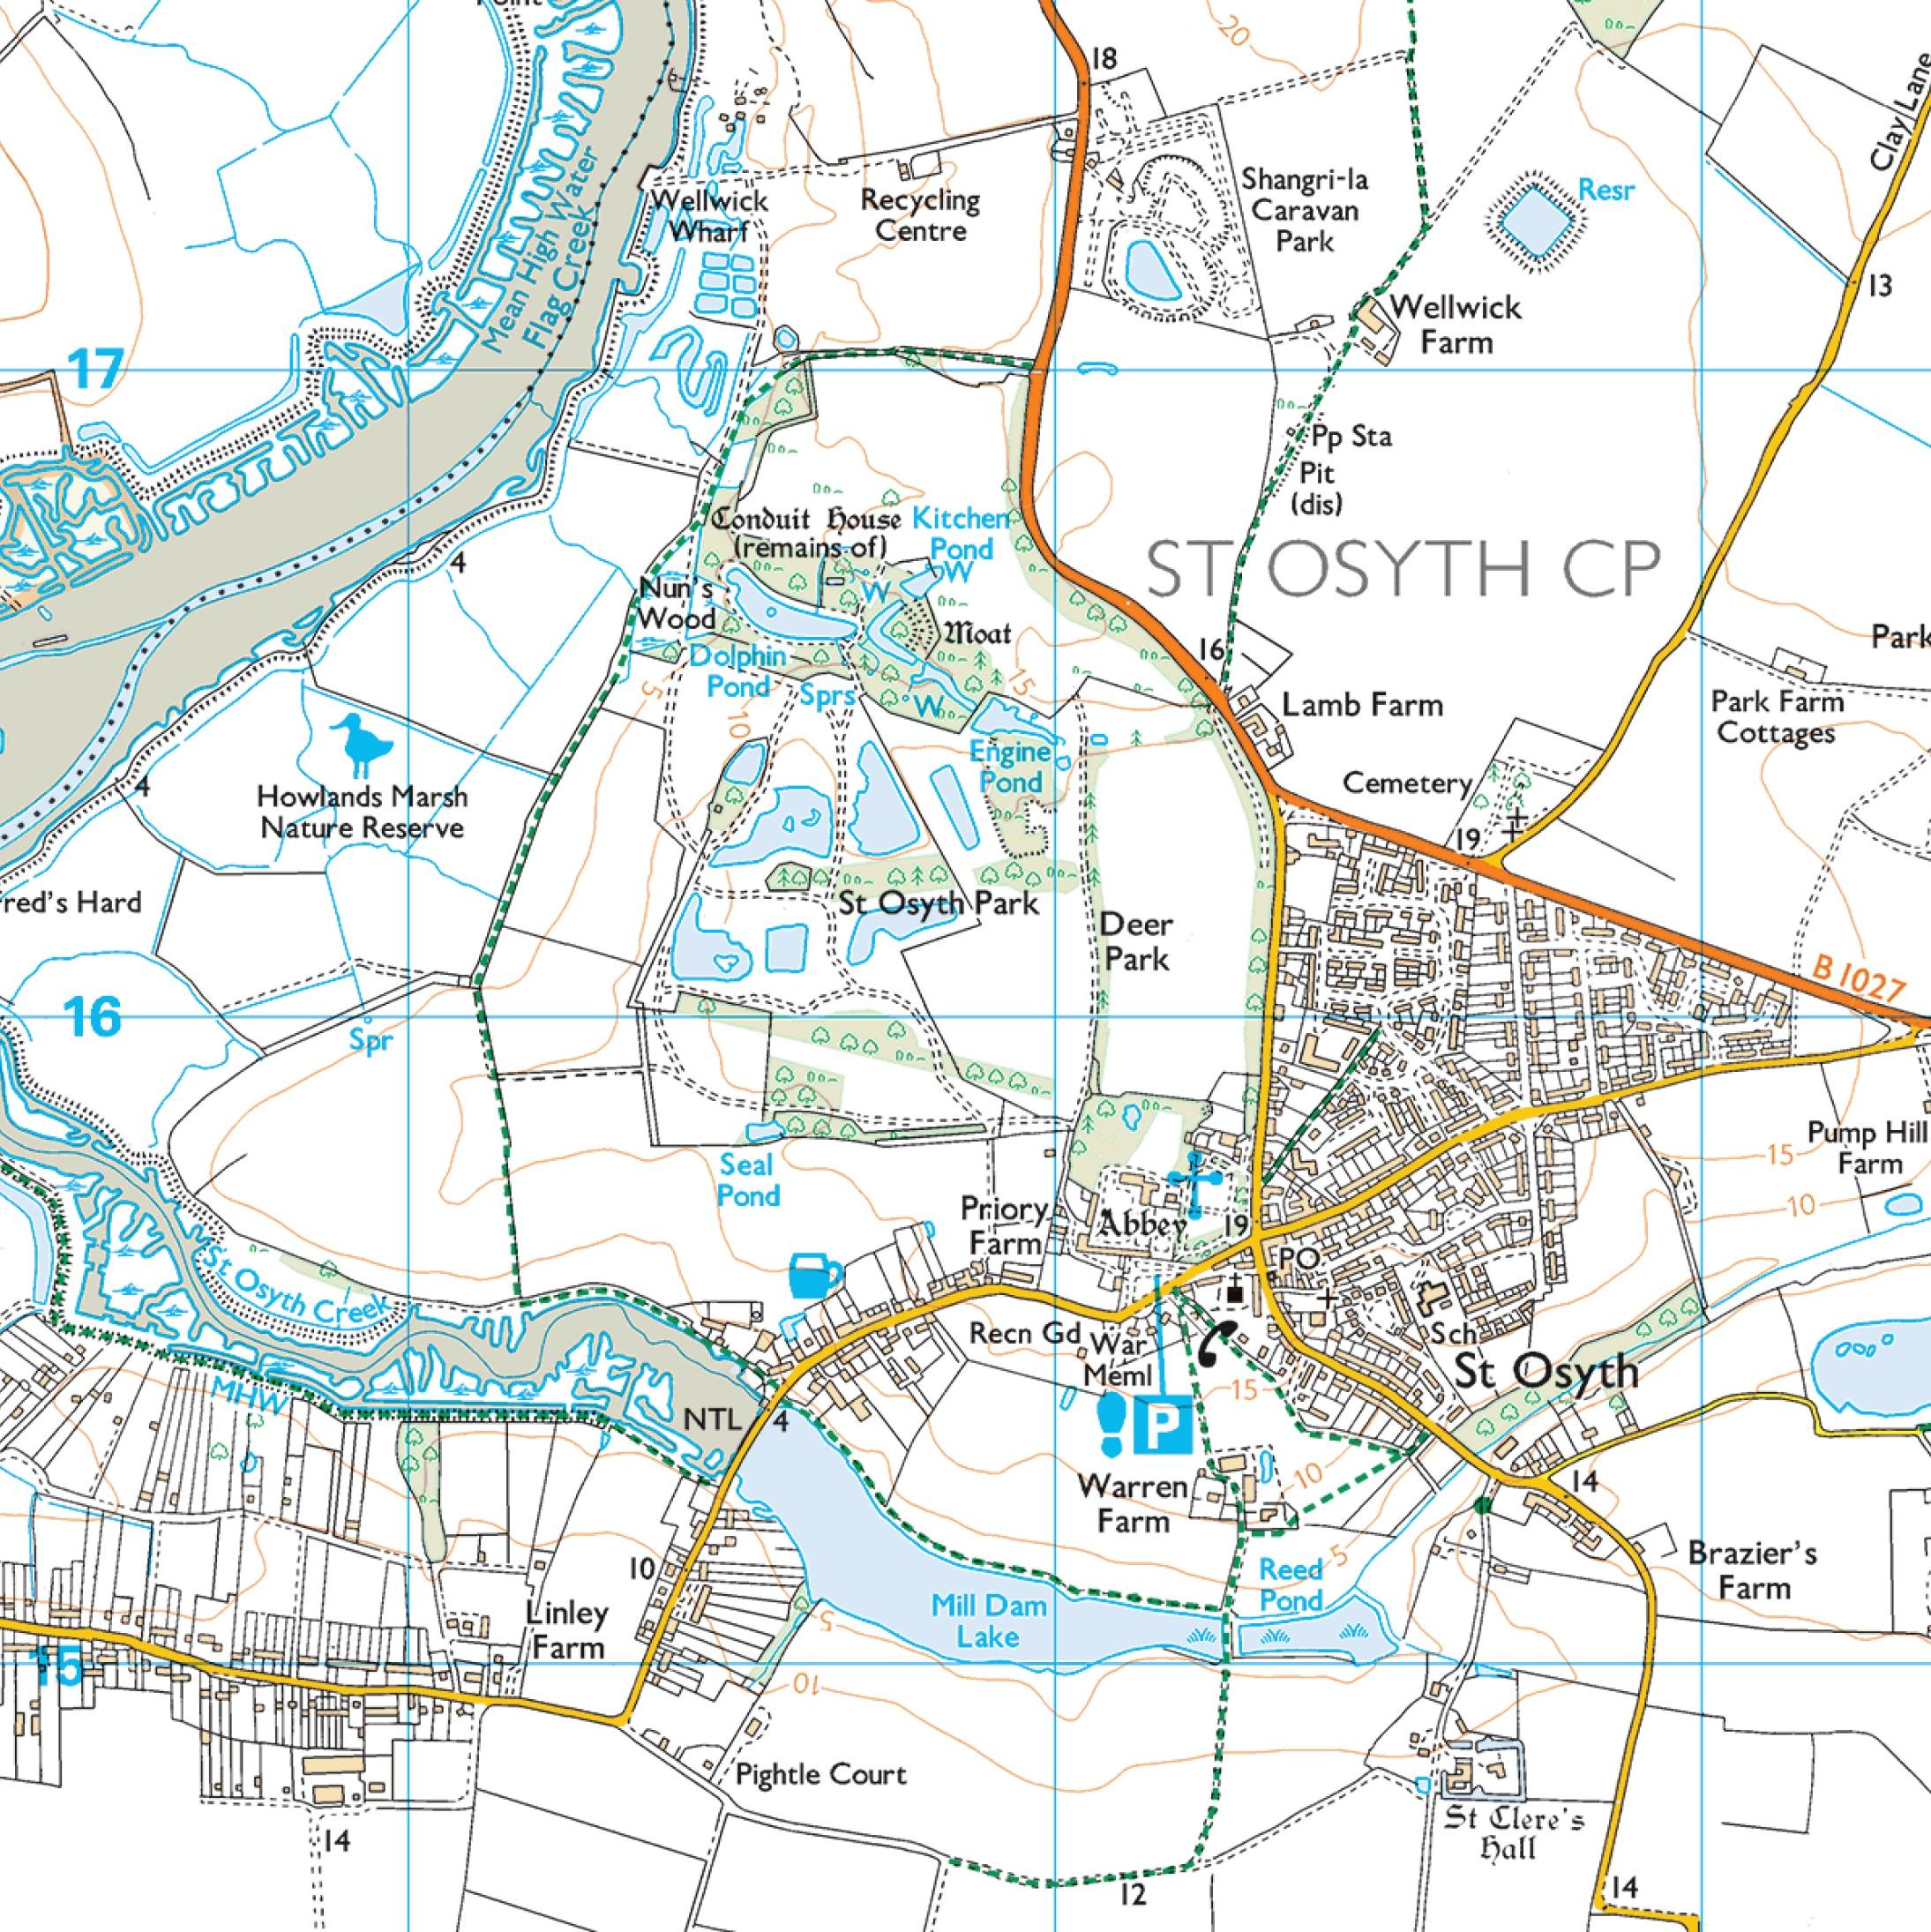 St Osyth map.jpg